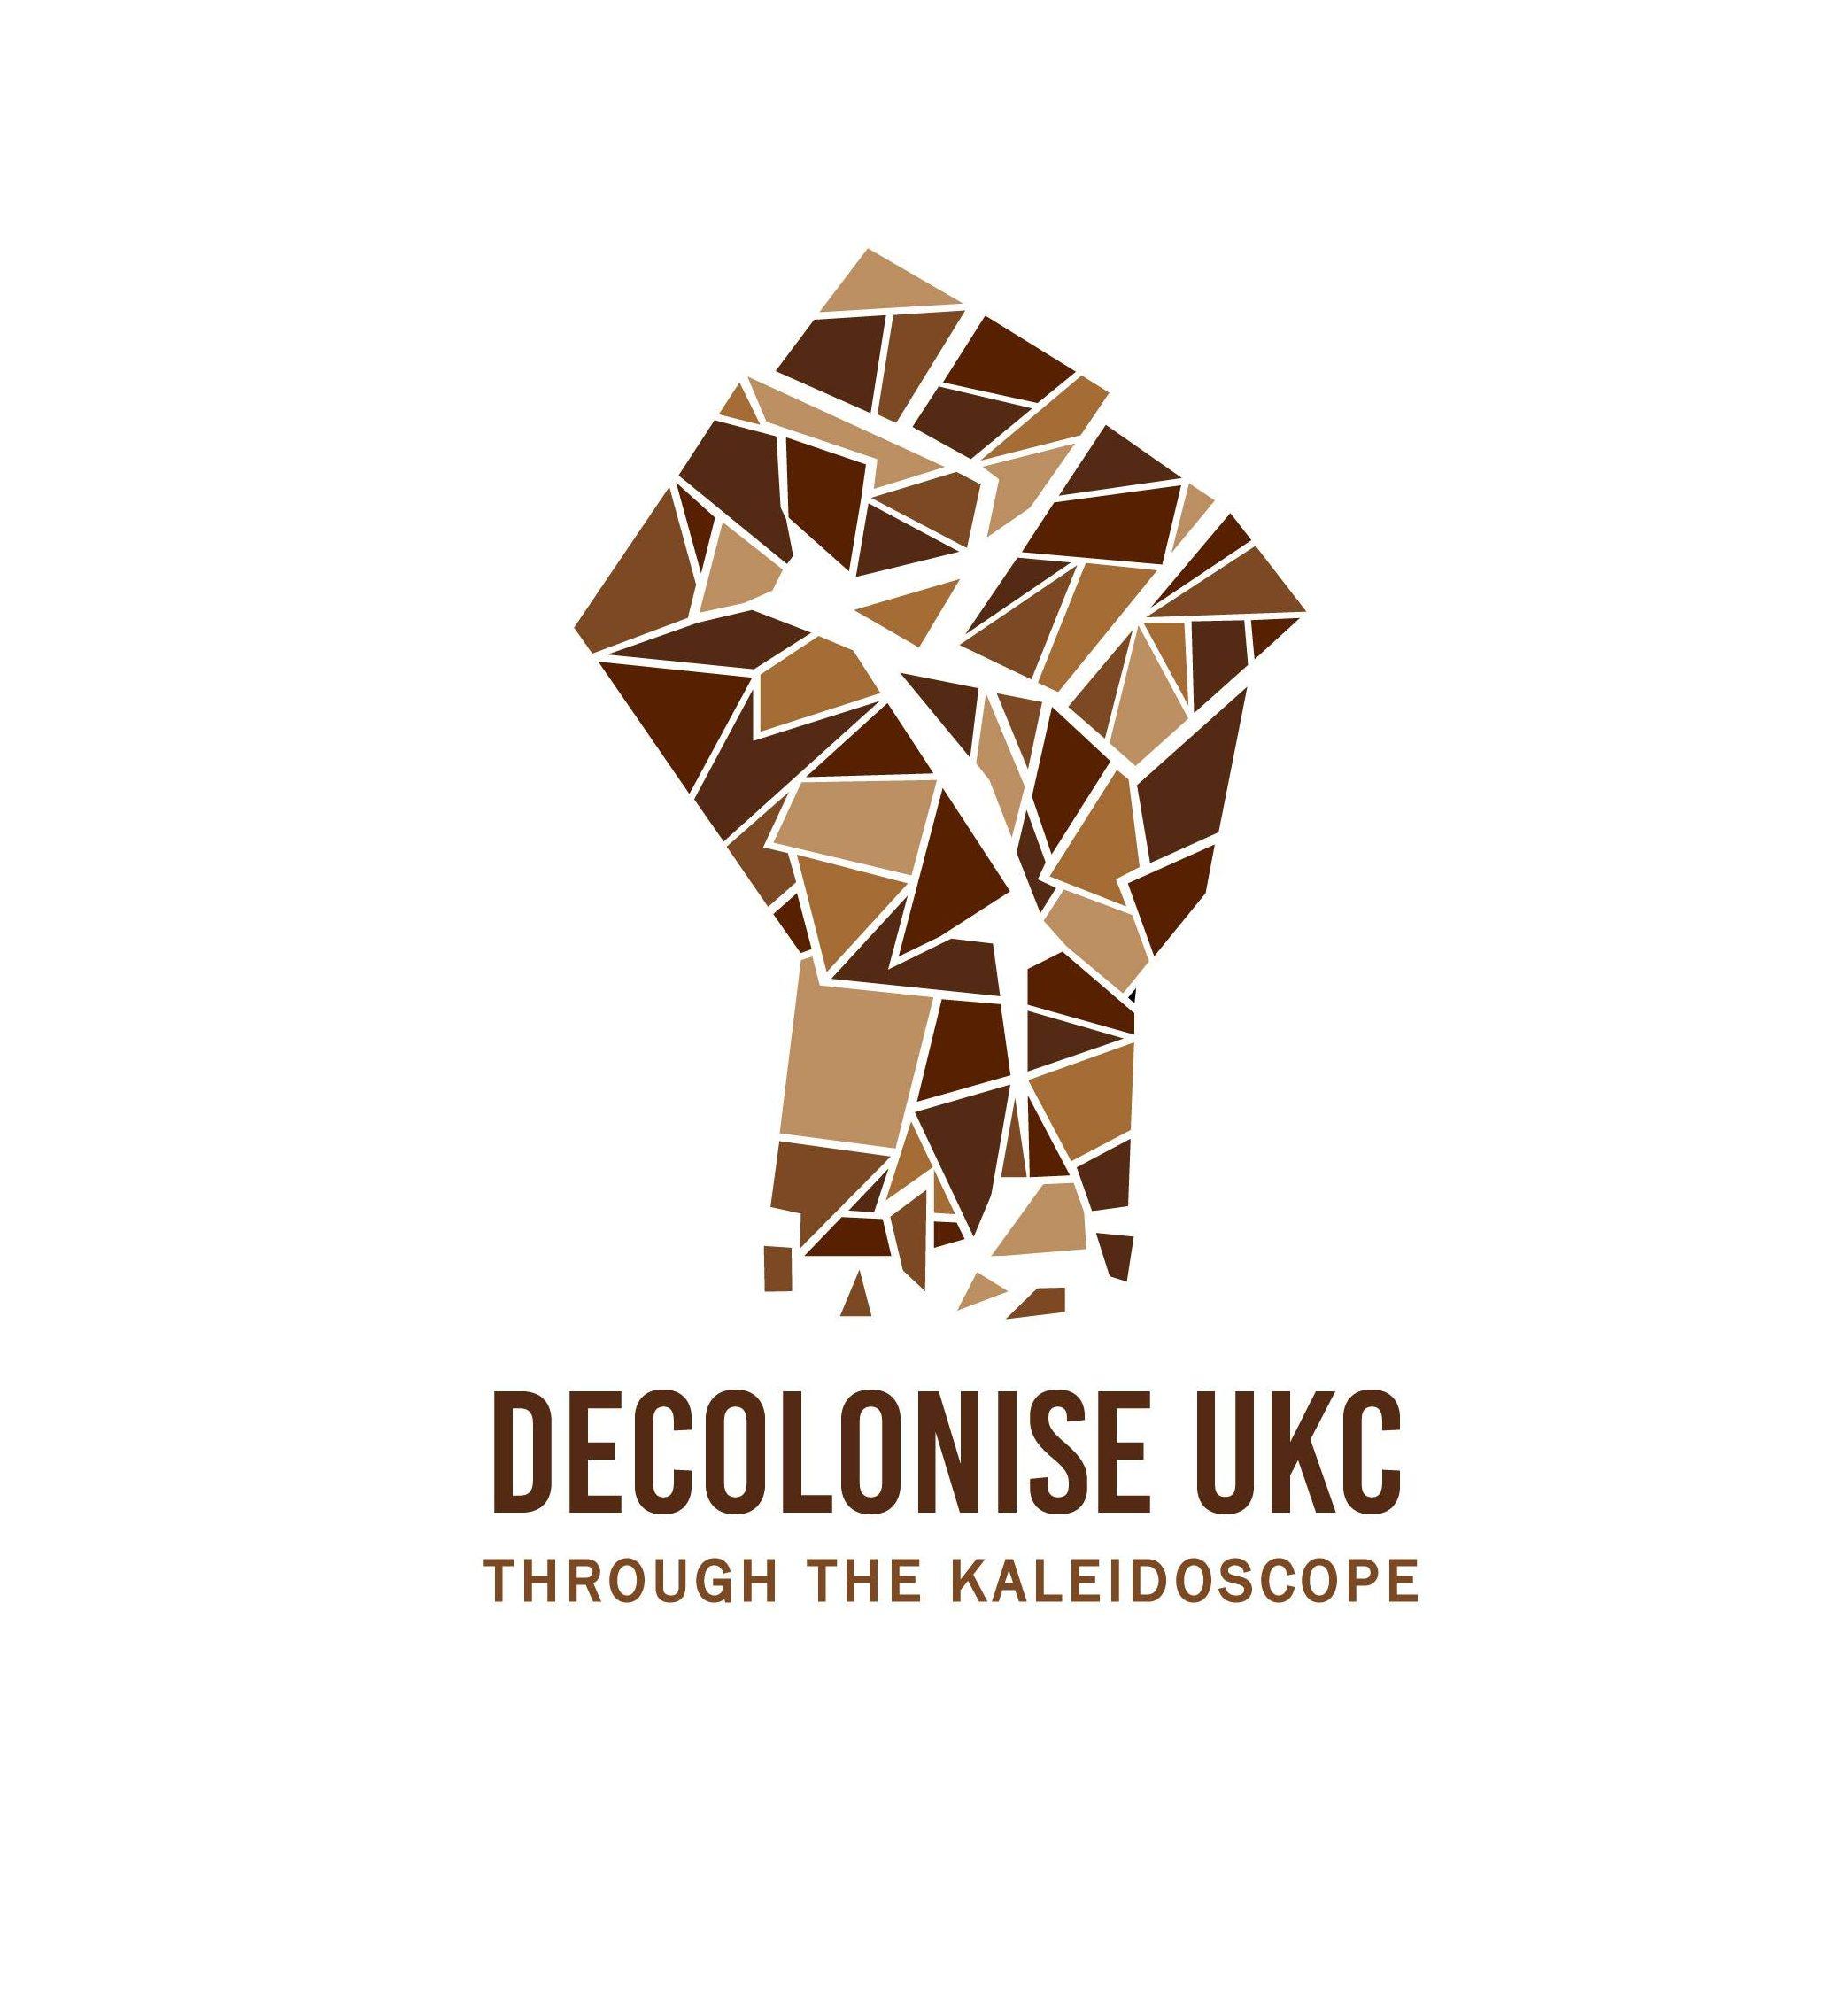 DecoloniseUKC